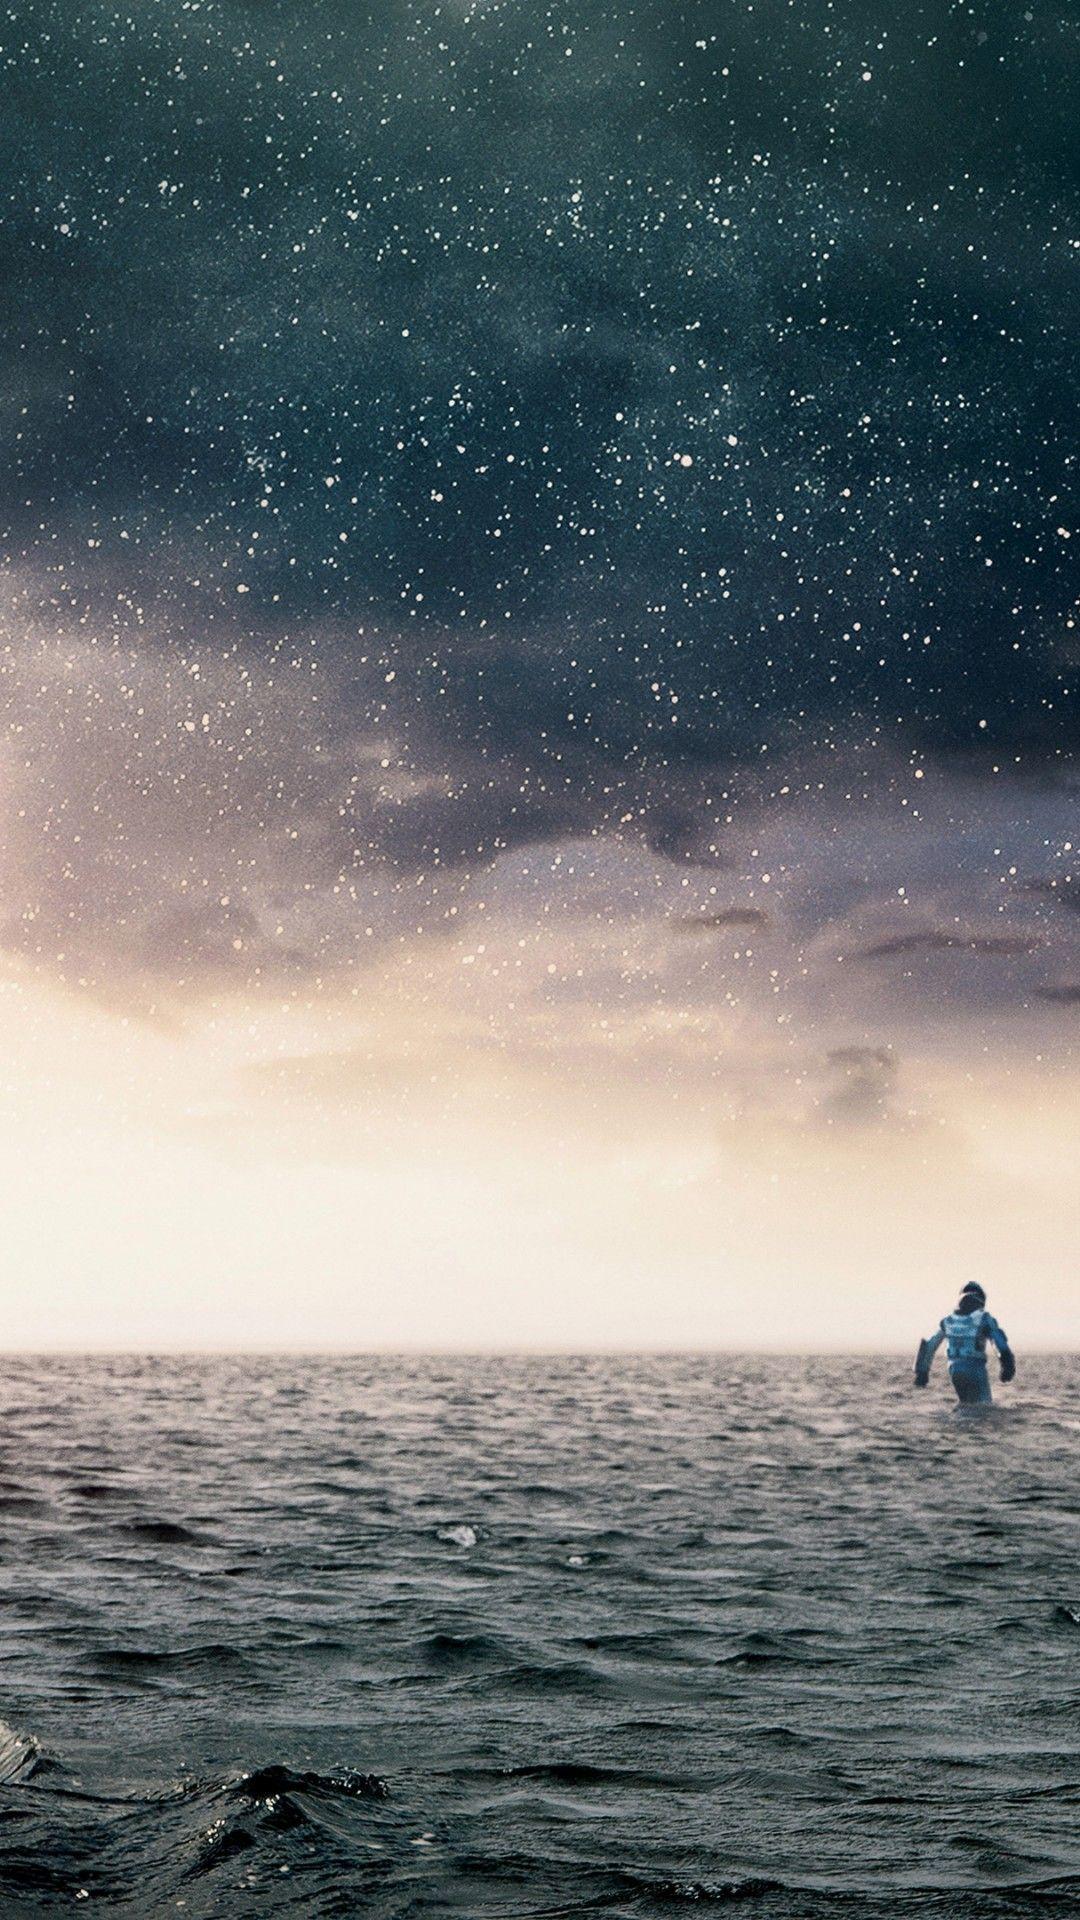 Interstellar Yildizlararasi Fotograf Film